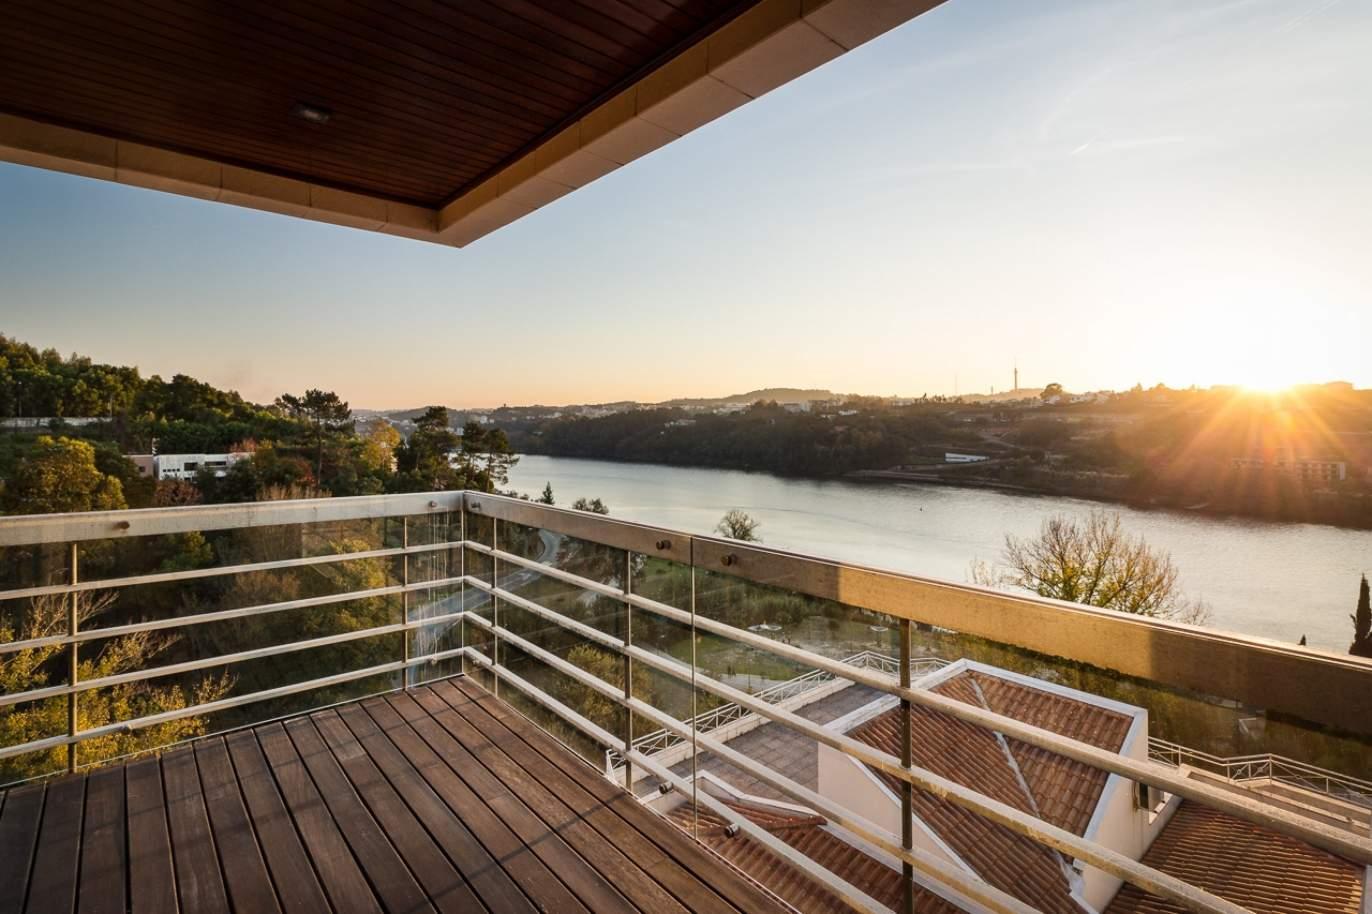 venda-de-apartamento-como-novo-com-vistas-rio-porto